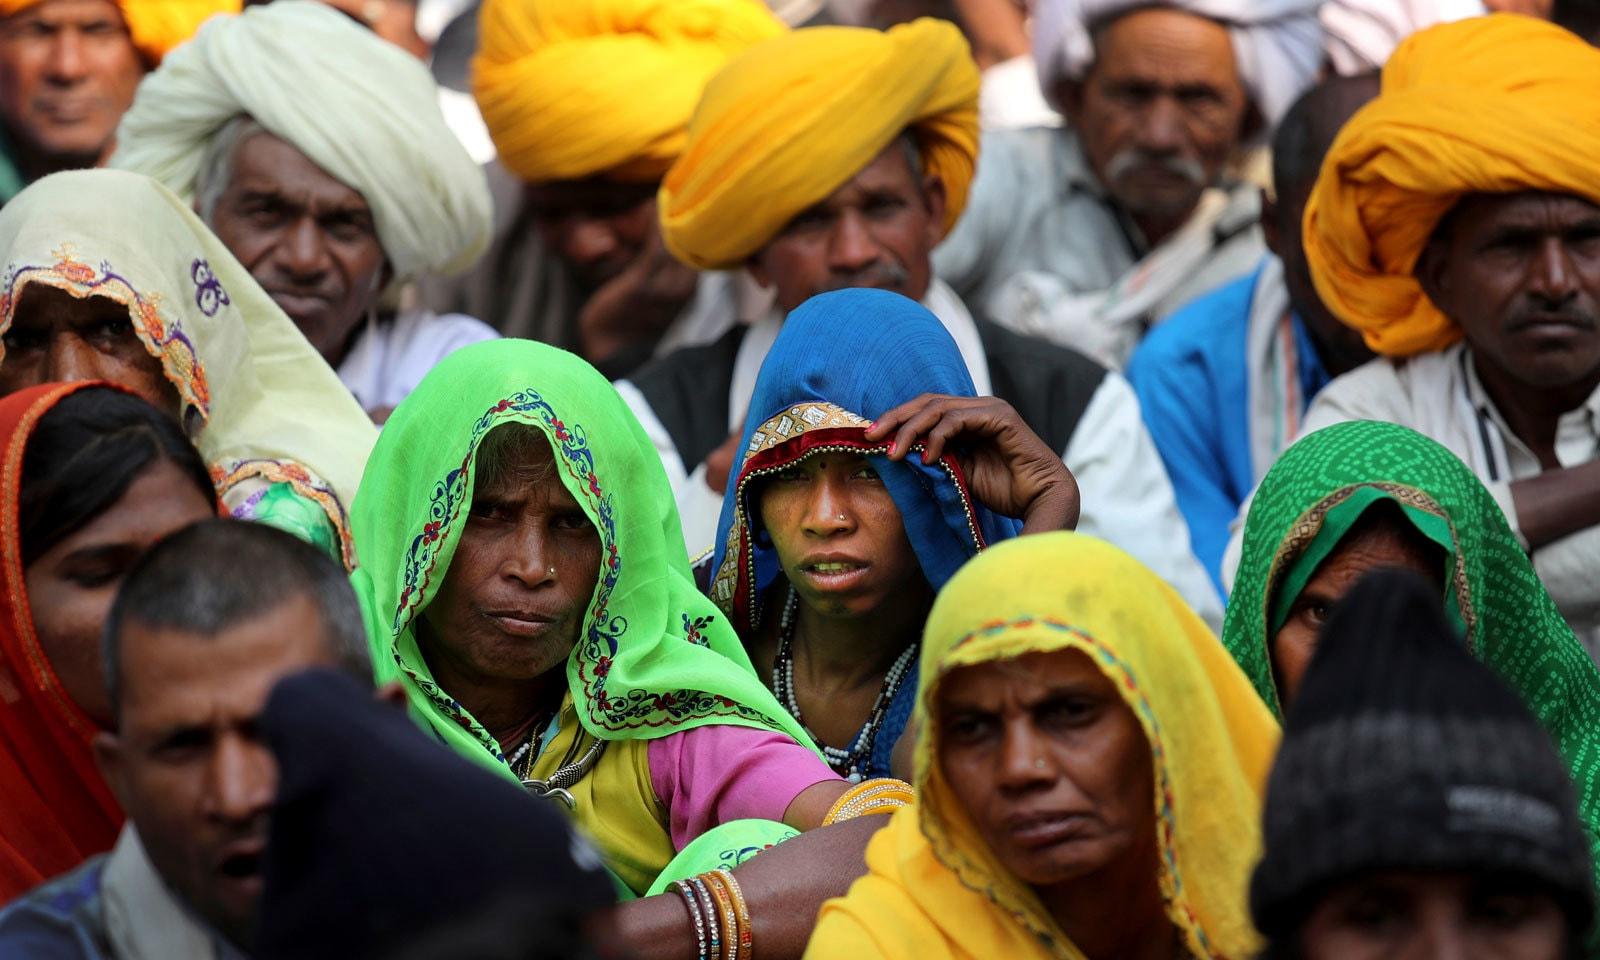 بھارت میں کسان دہائیوں سے مسائل سے دوچار ہیں — فوٹو: اے پی